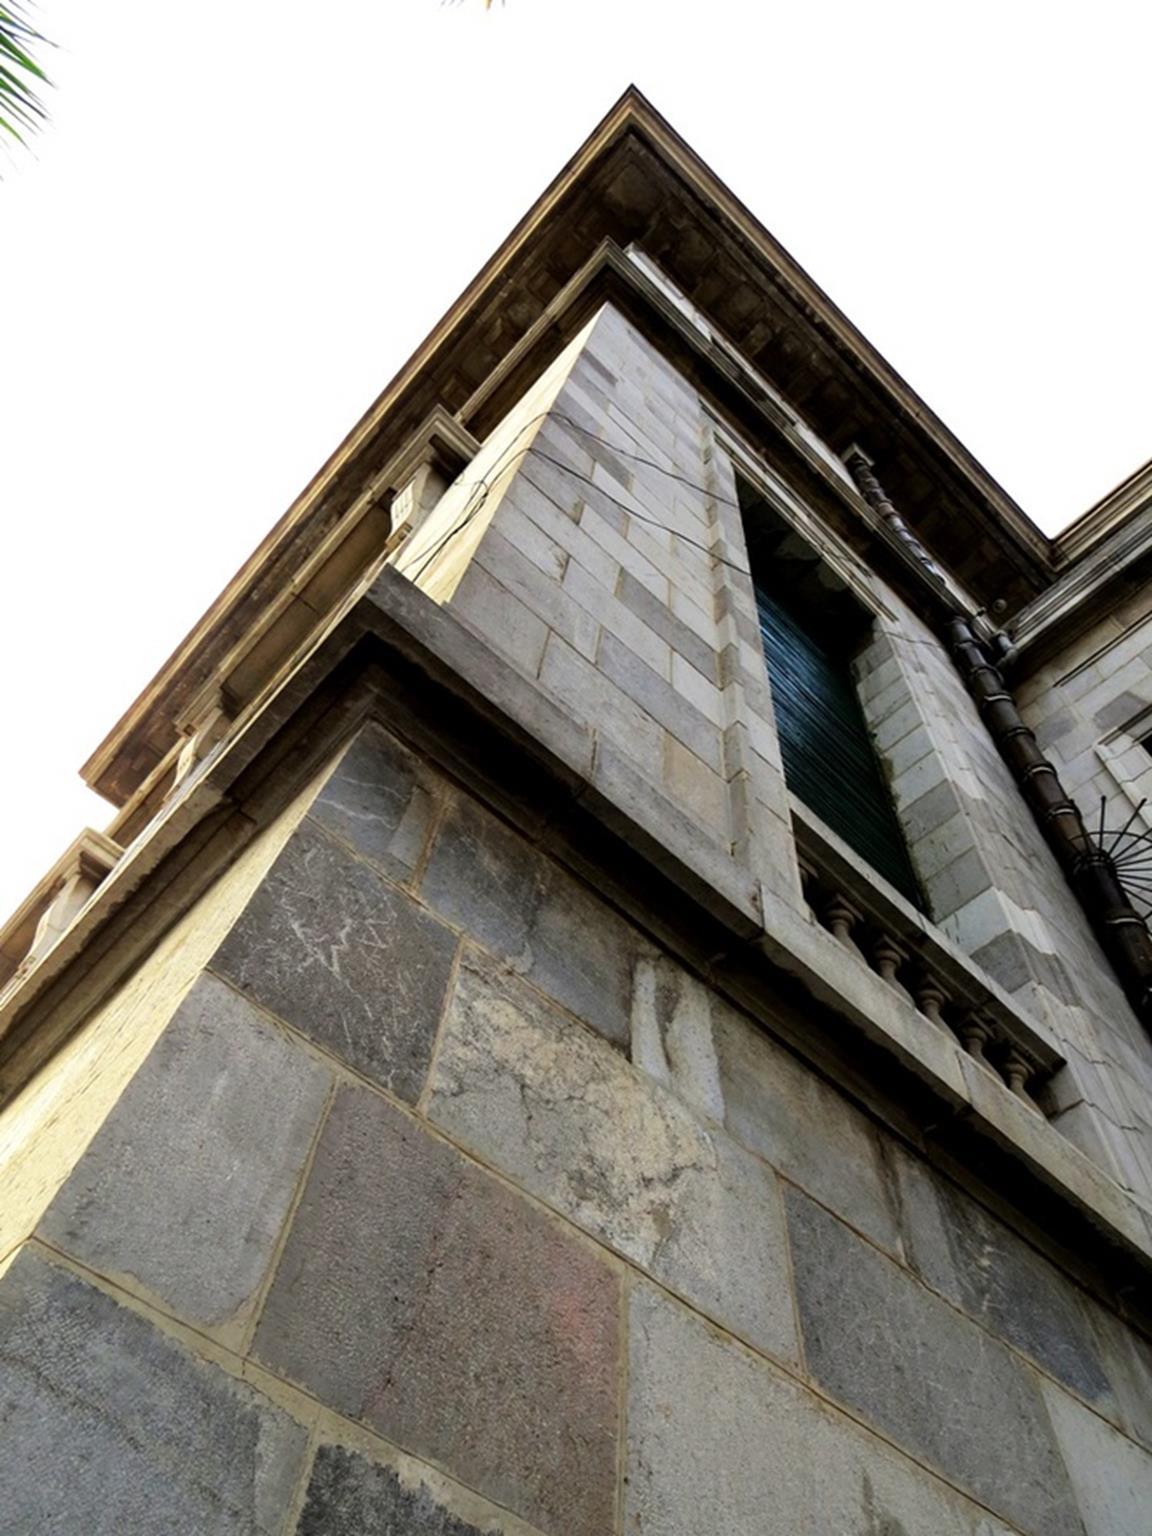 Điểm làm nên sự khác biệt và độc đáo của công trình là toàn bộ chân móng, tường vây xây bằng hàng chục nghìn viên đá xanh được đục đẽo, cắt gọt vuông thành sắc cạnh, có bề dày 0,4-0,45 m. Mặt tường bên trong được trát cẩn thận, riêng phía tường ngoài chỉ chít mạch.